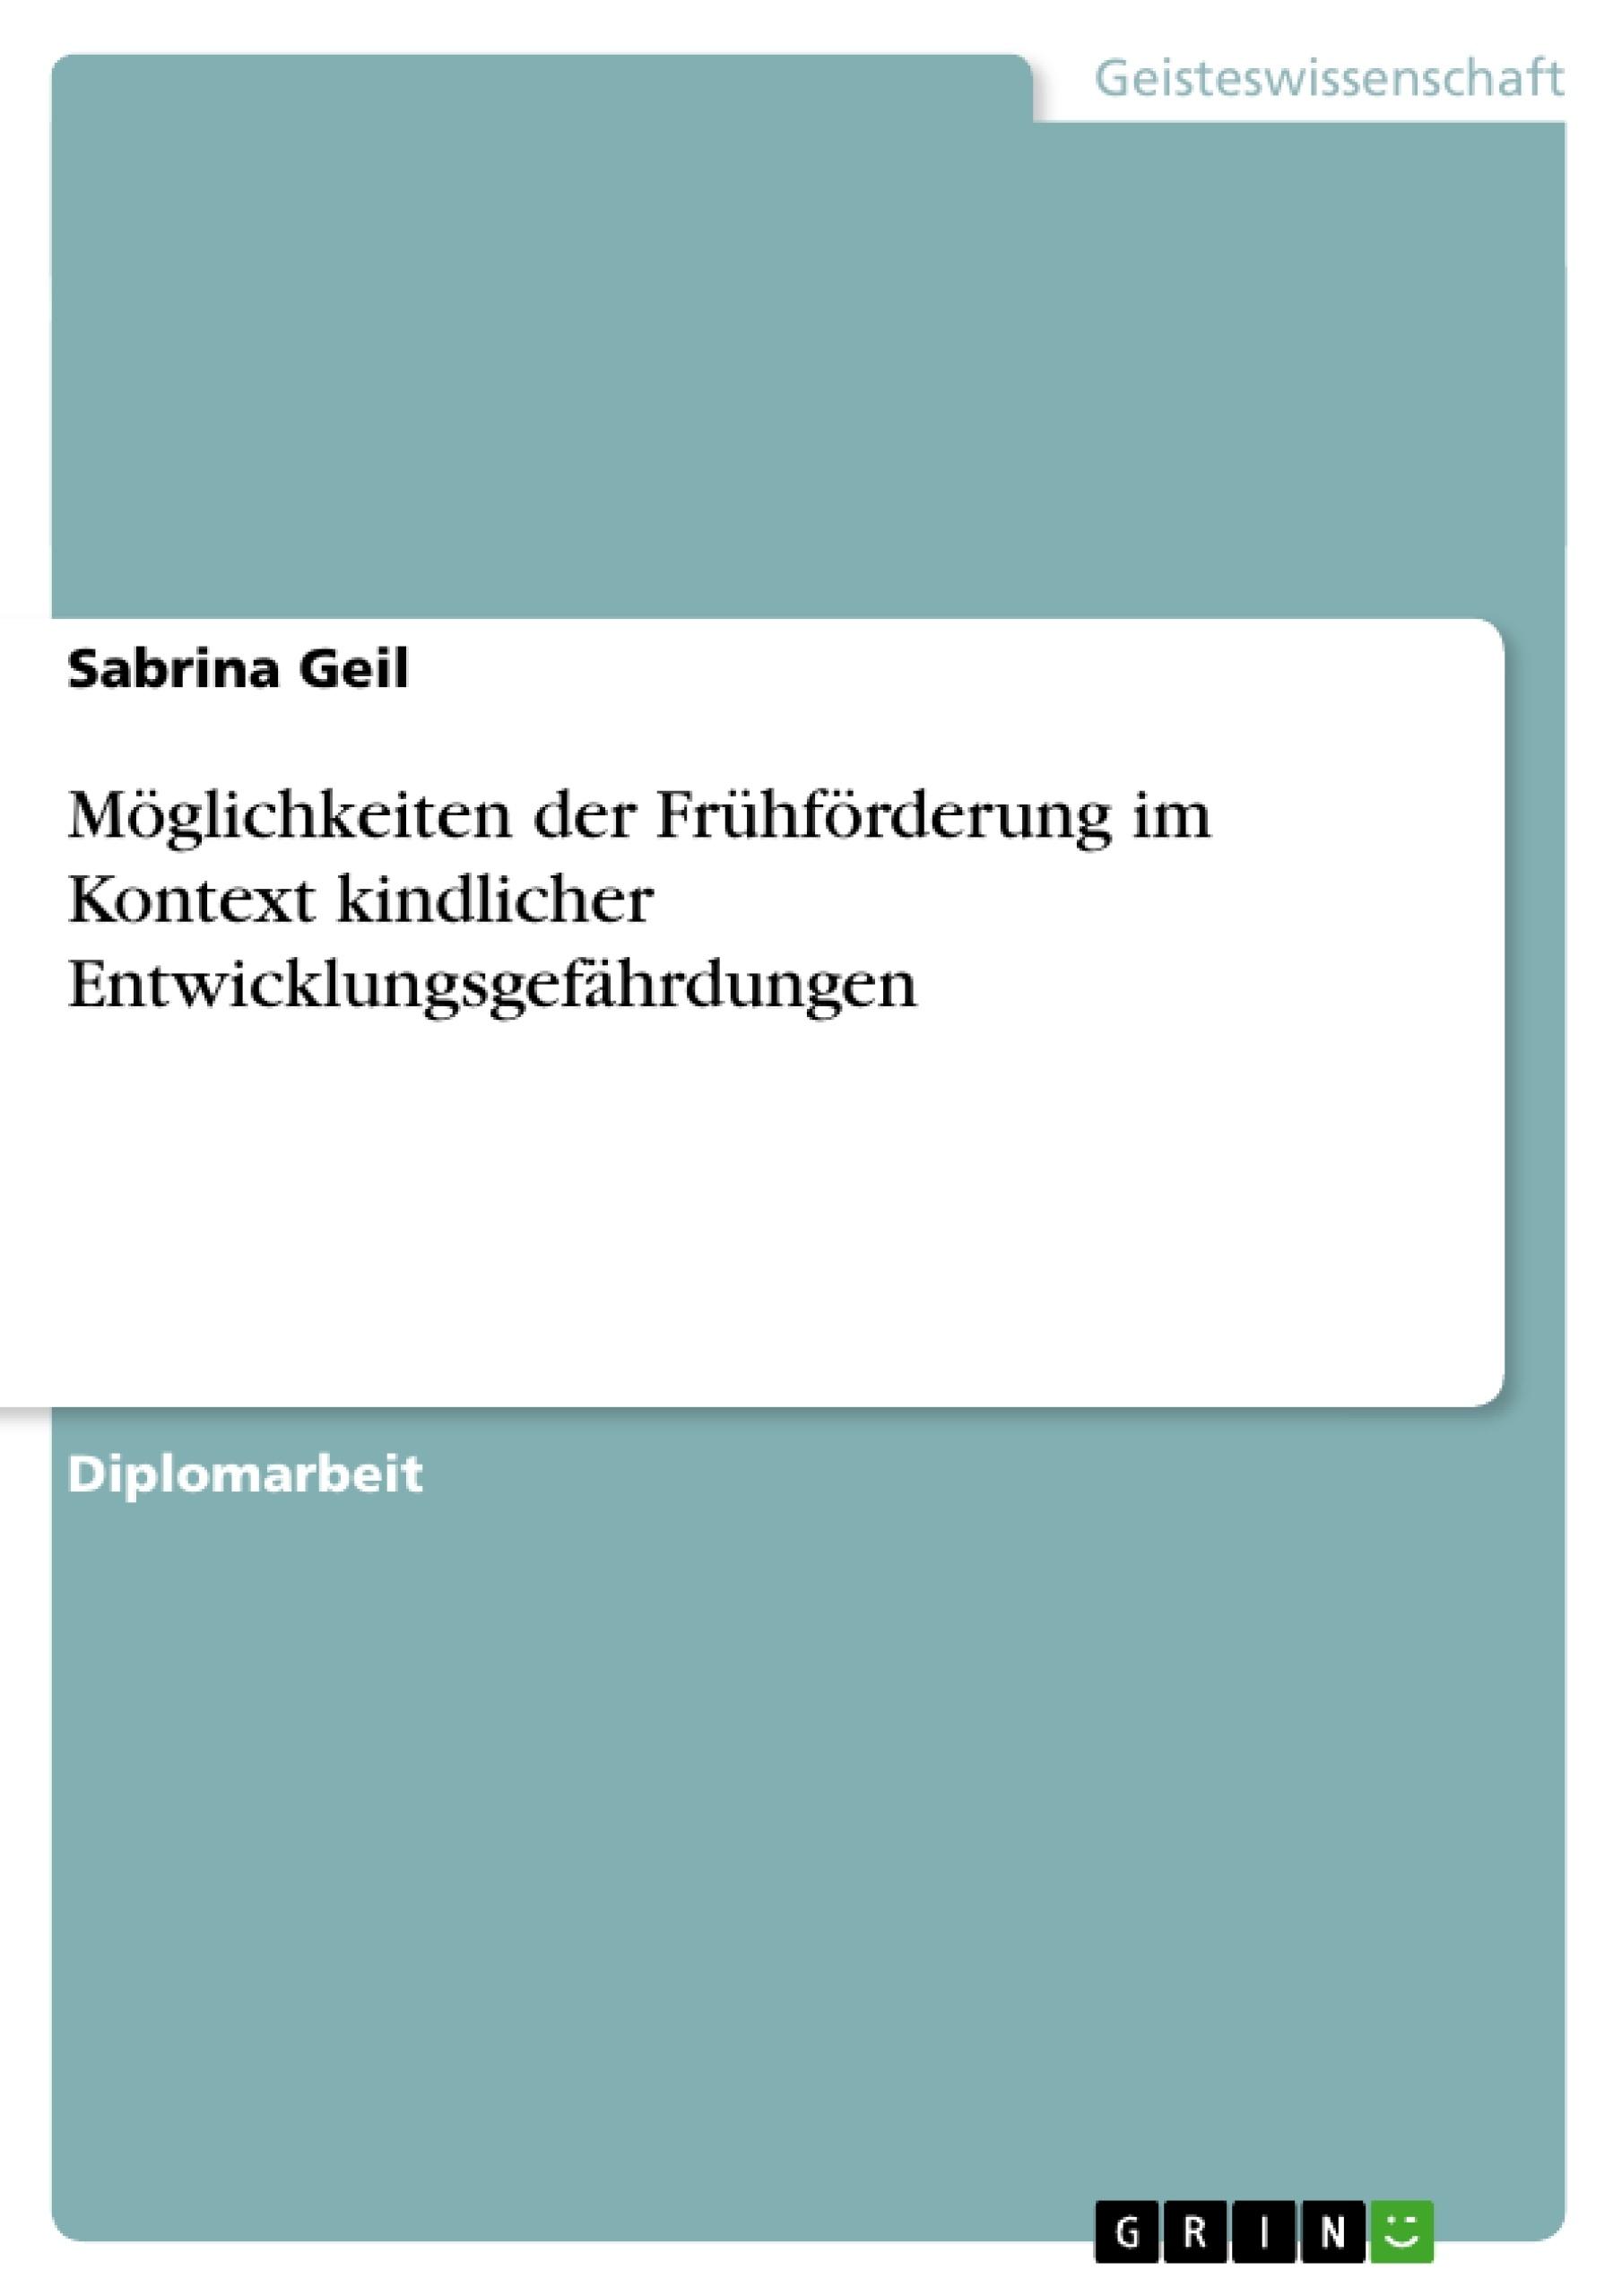 Titel: Möglichkeiten der Frühförderung im Kontext kindlicher Entwicklungsgefährdungen